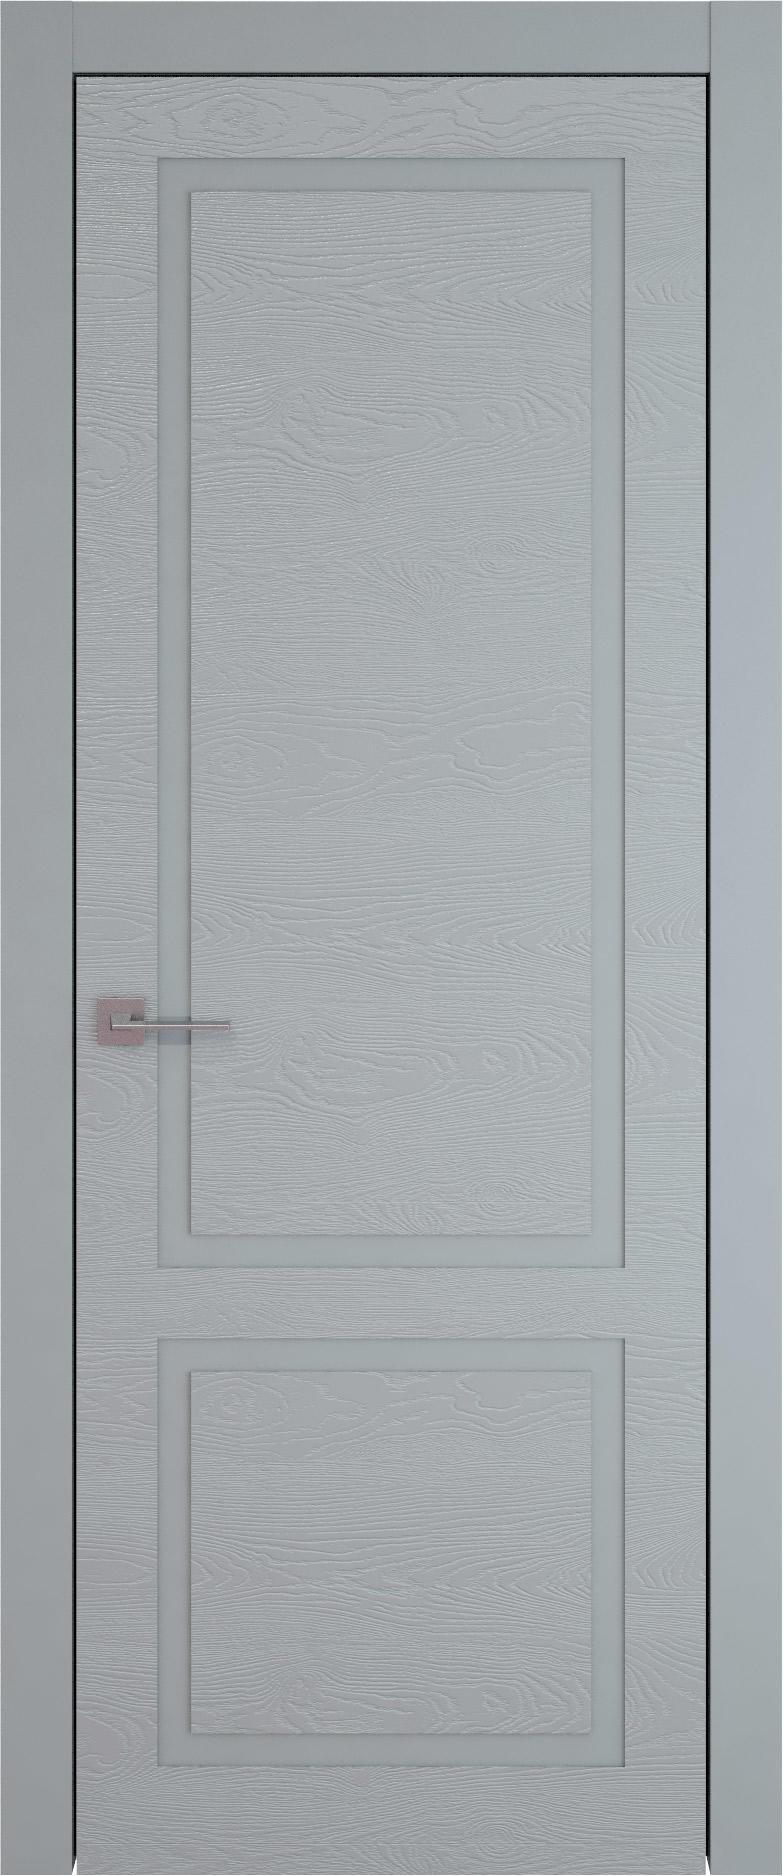 Tivoli И-5 цвет - Серебристо-серая эмаль по шпону (RAL 7045) Без стекла (ДГ)